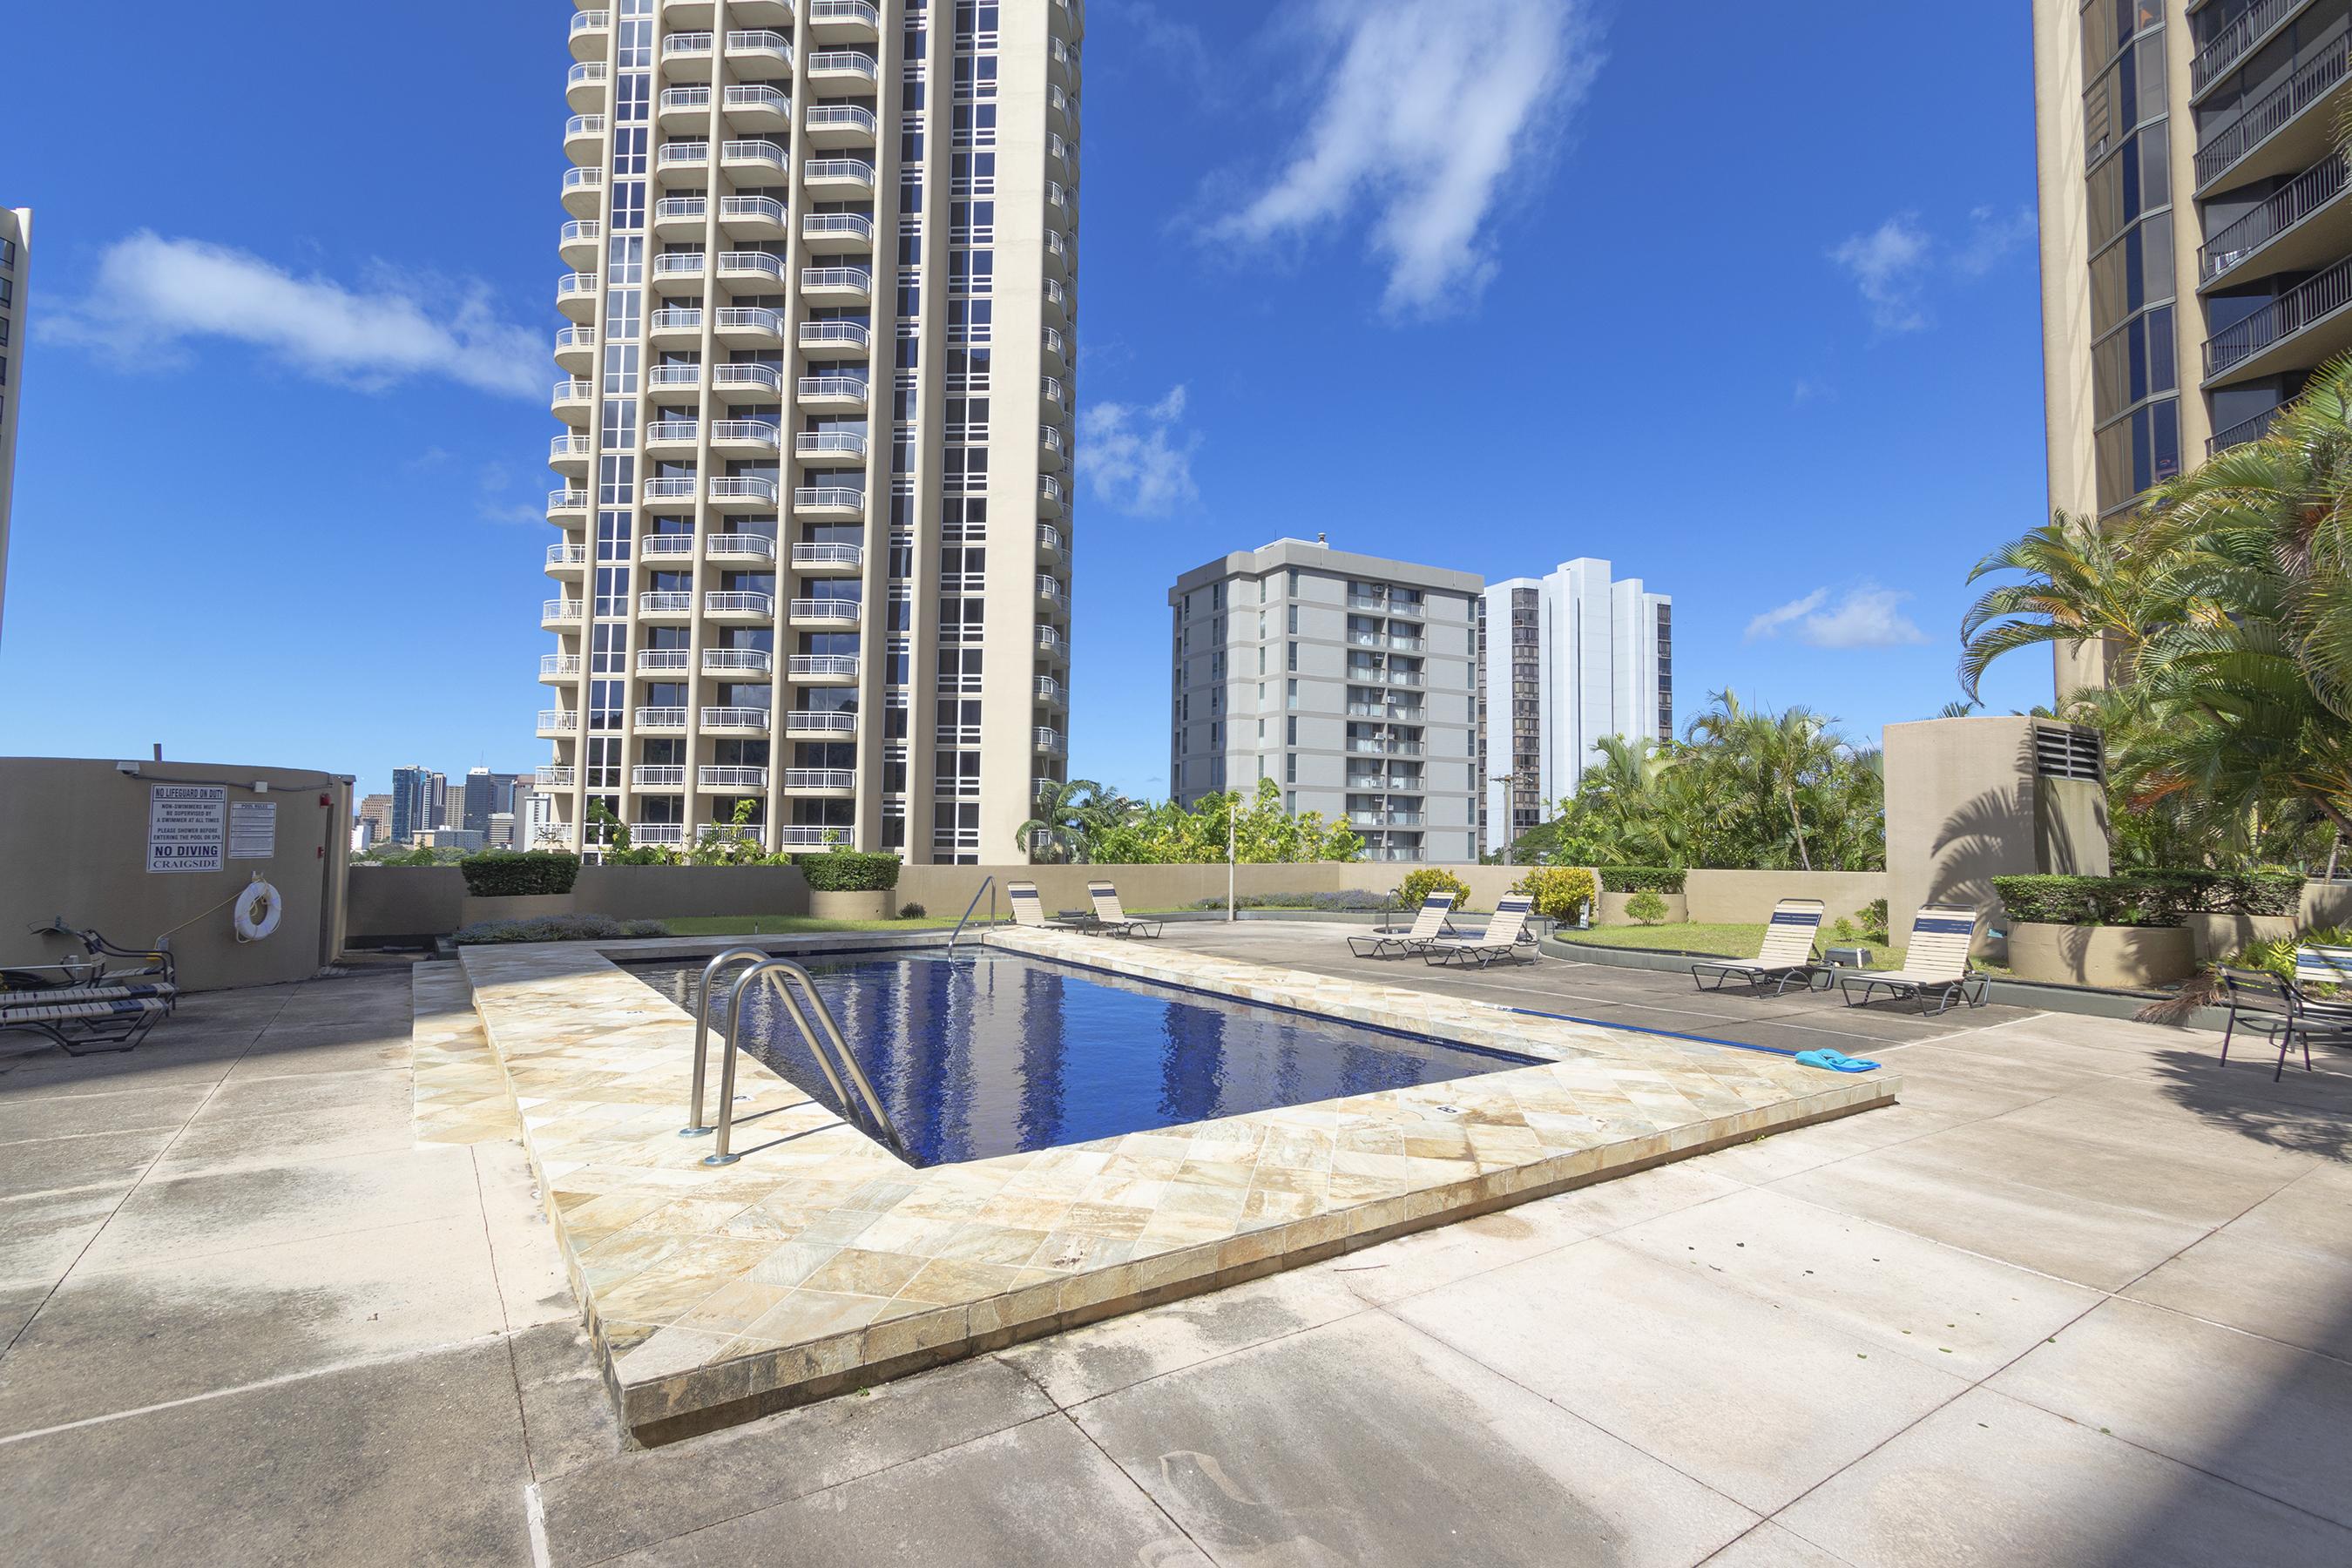 Pool at 2101 Nuuanu Ave #I/1806 Honolulu, HI 96817